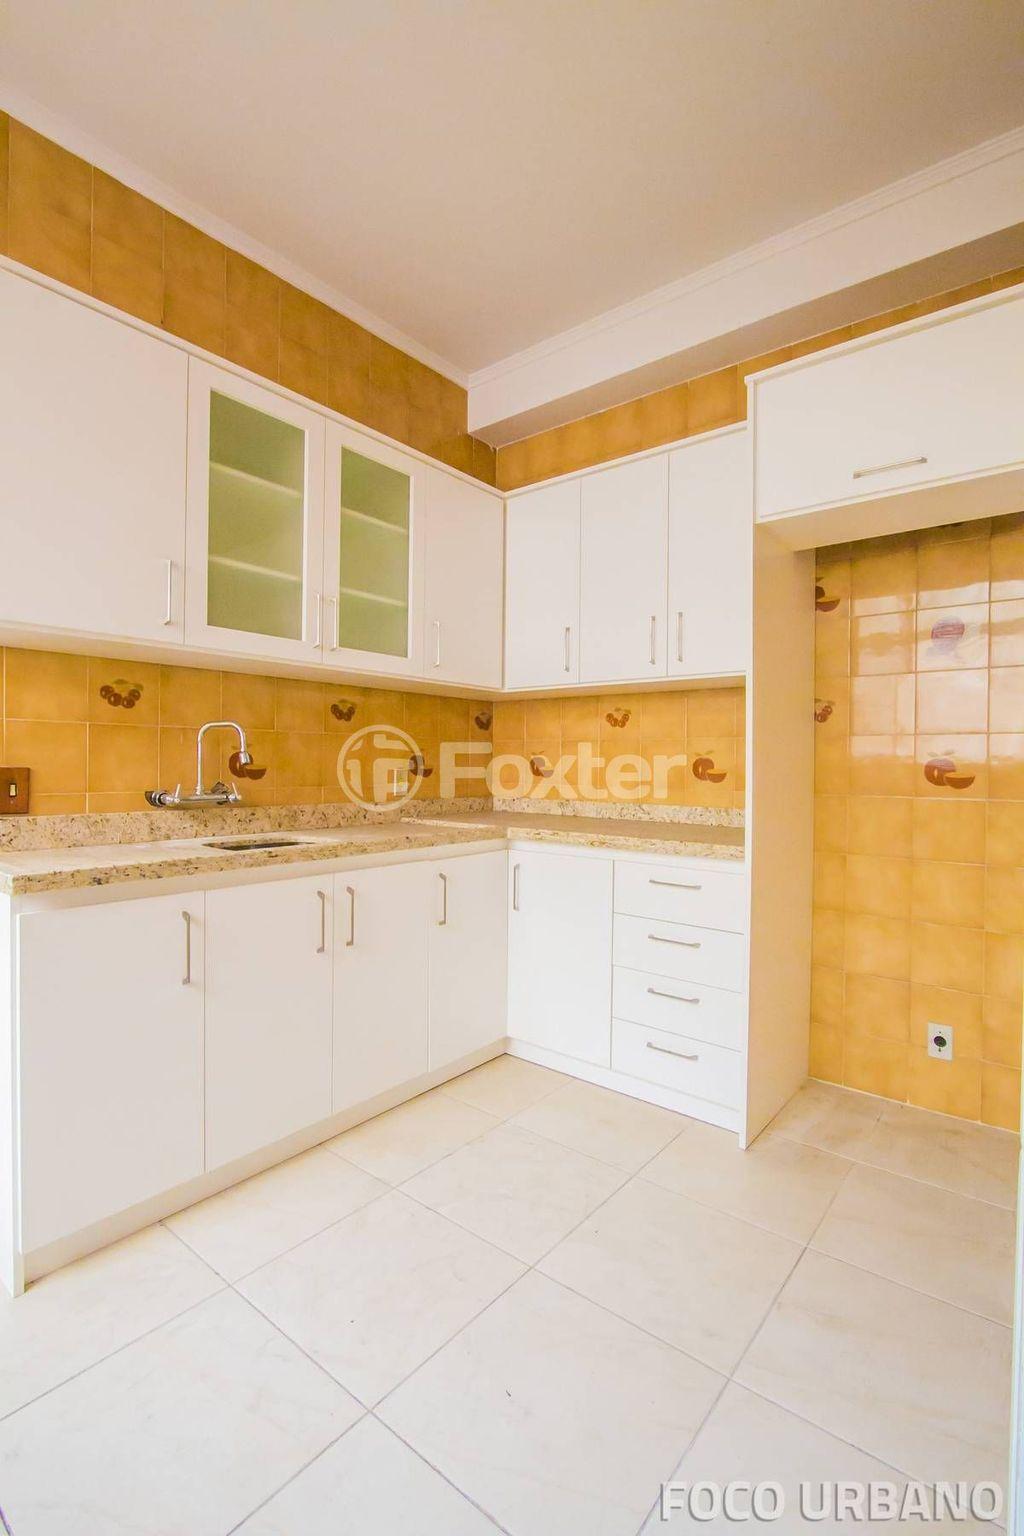 Foxter Imobiliária - Apto 3 Dorm, Centro Histórico - Foto 19